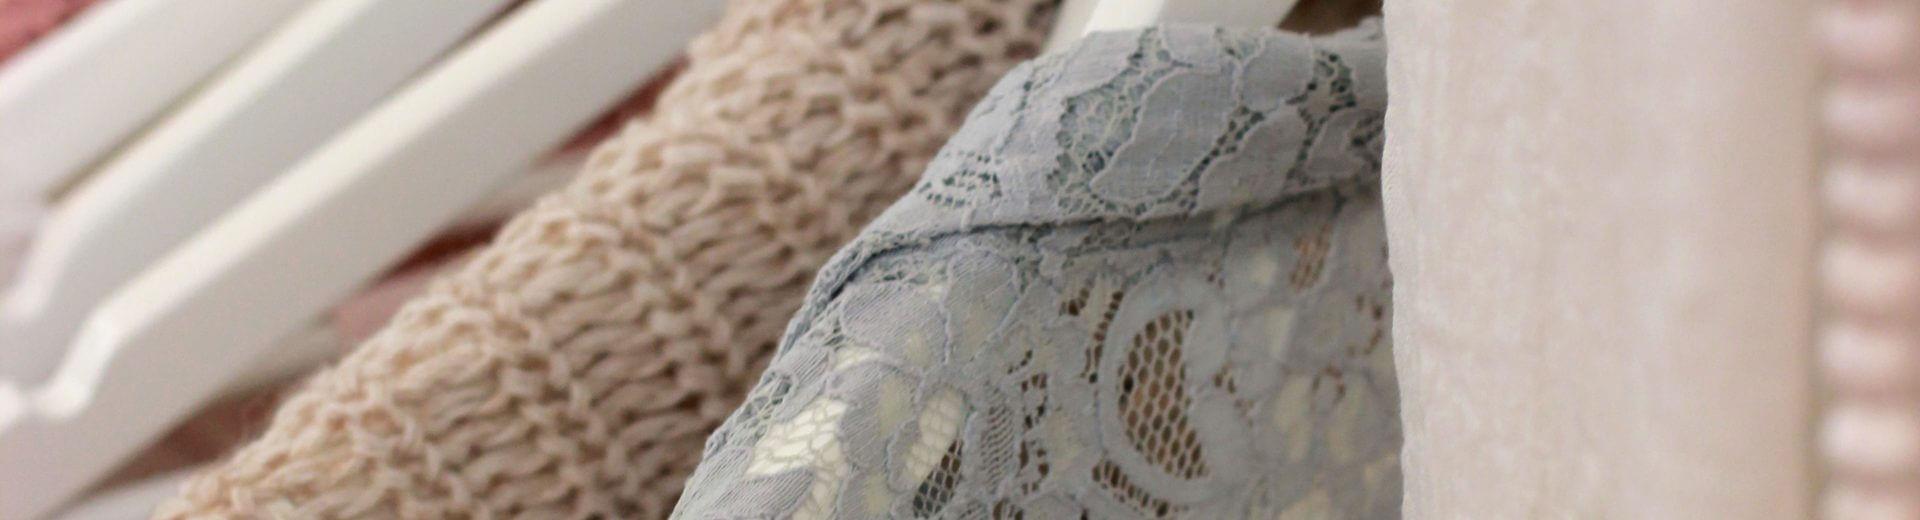 L'ARMOIRE SANS FIN - Trocs & ateliers textiles